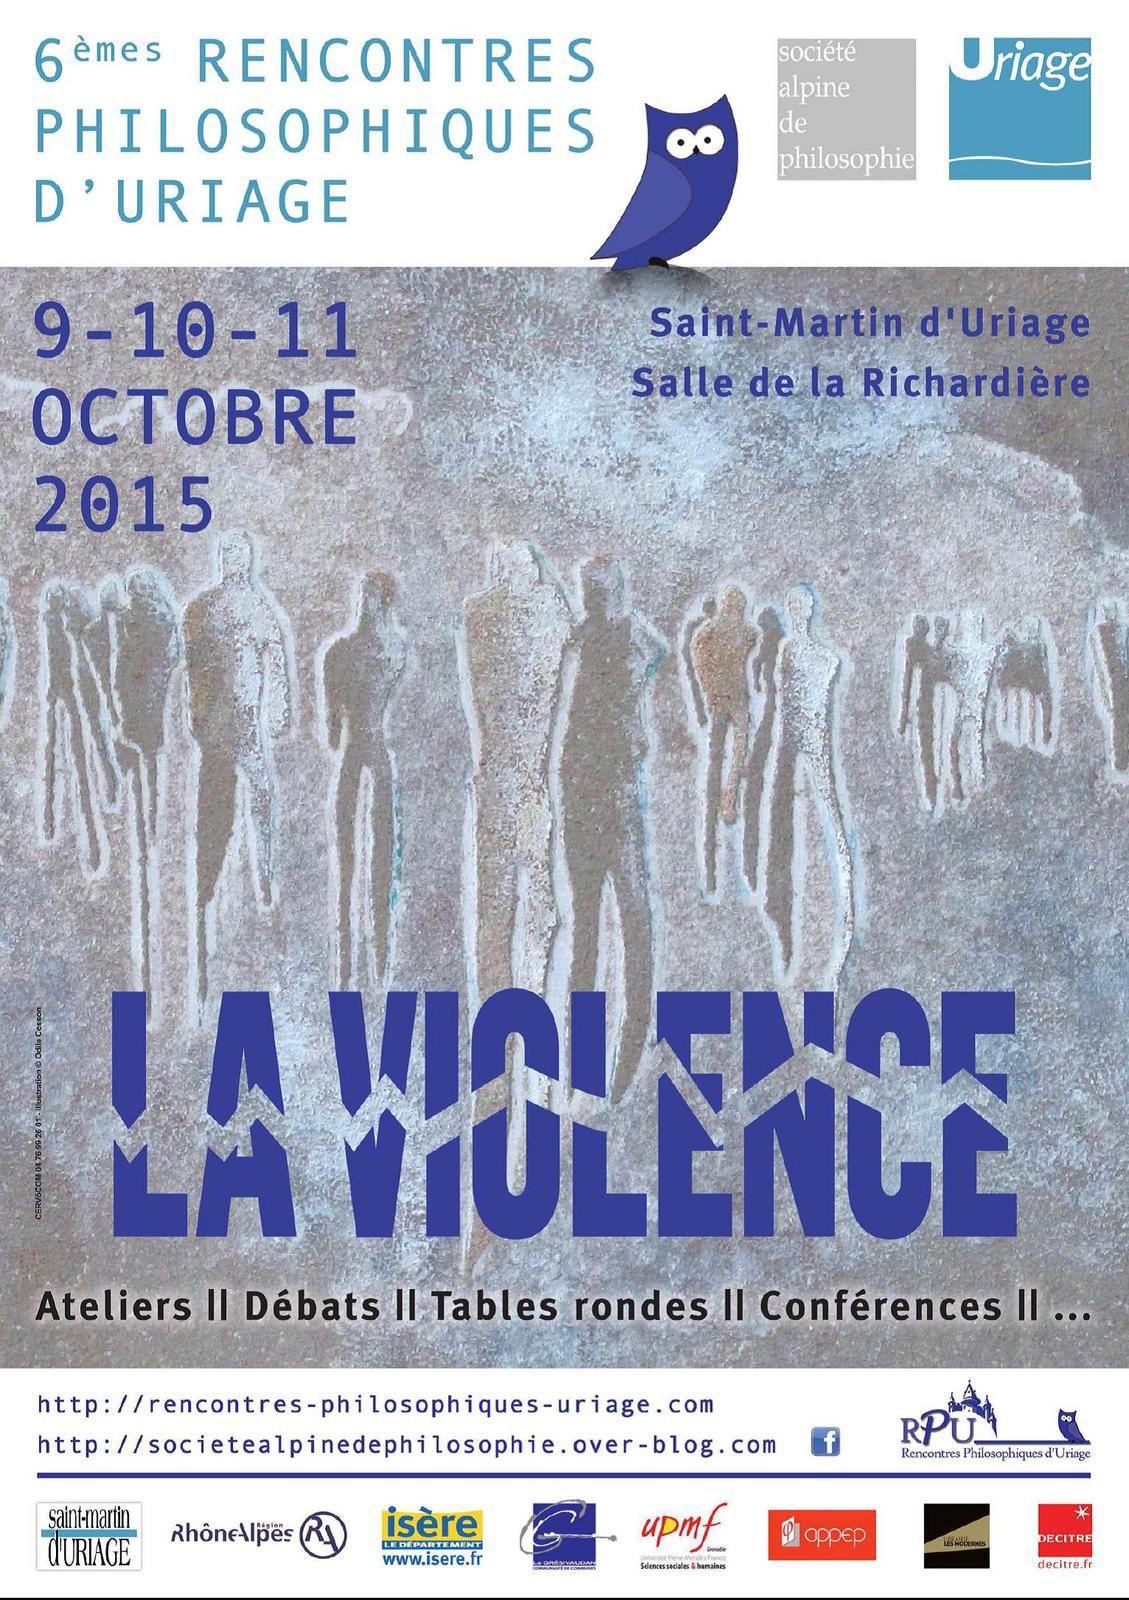 Rencontres philosophiques d'Uriage 2015 - Affiche